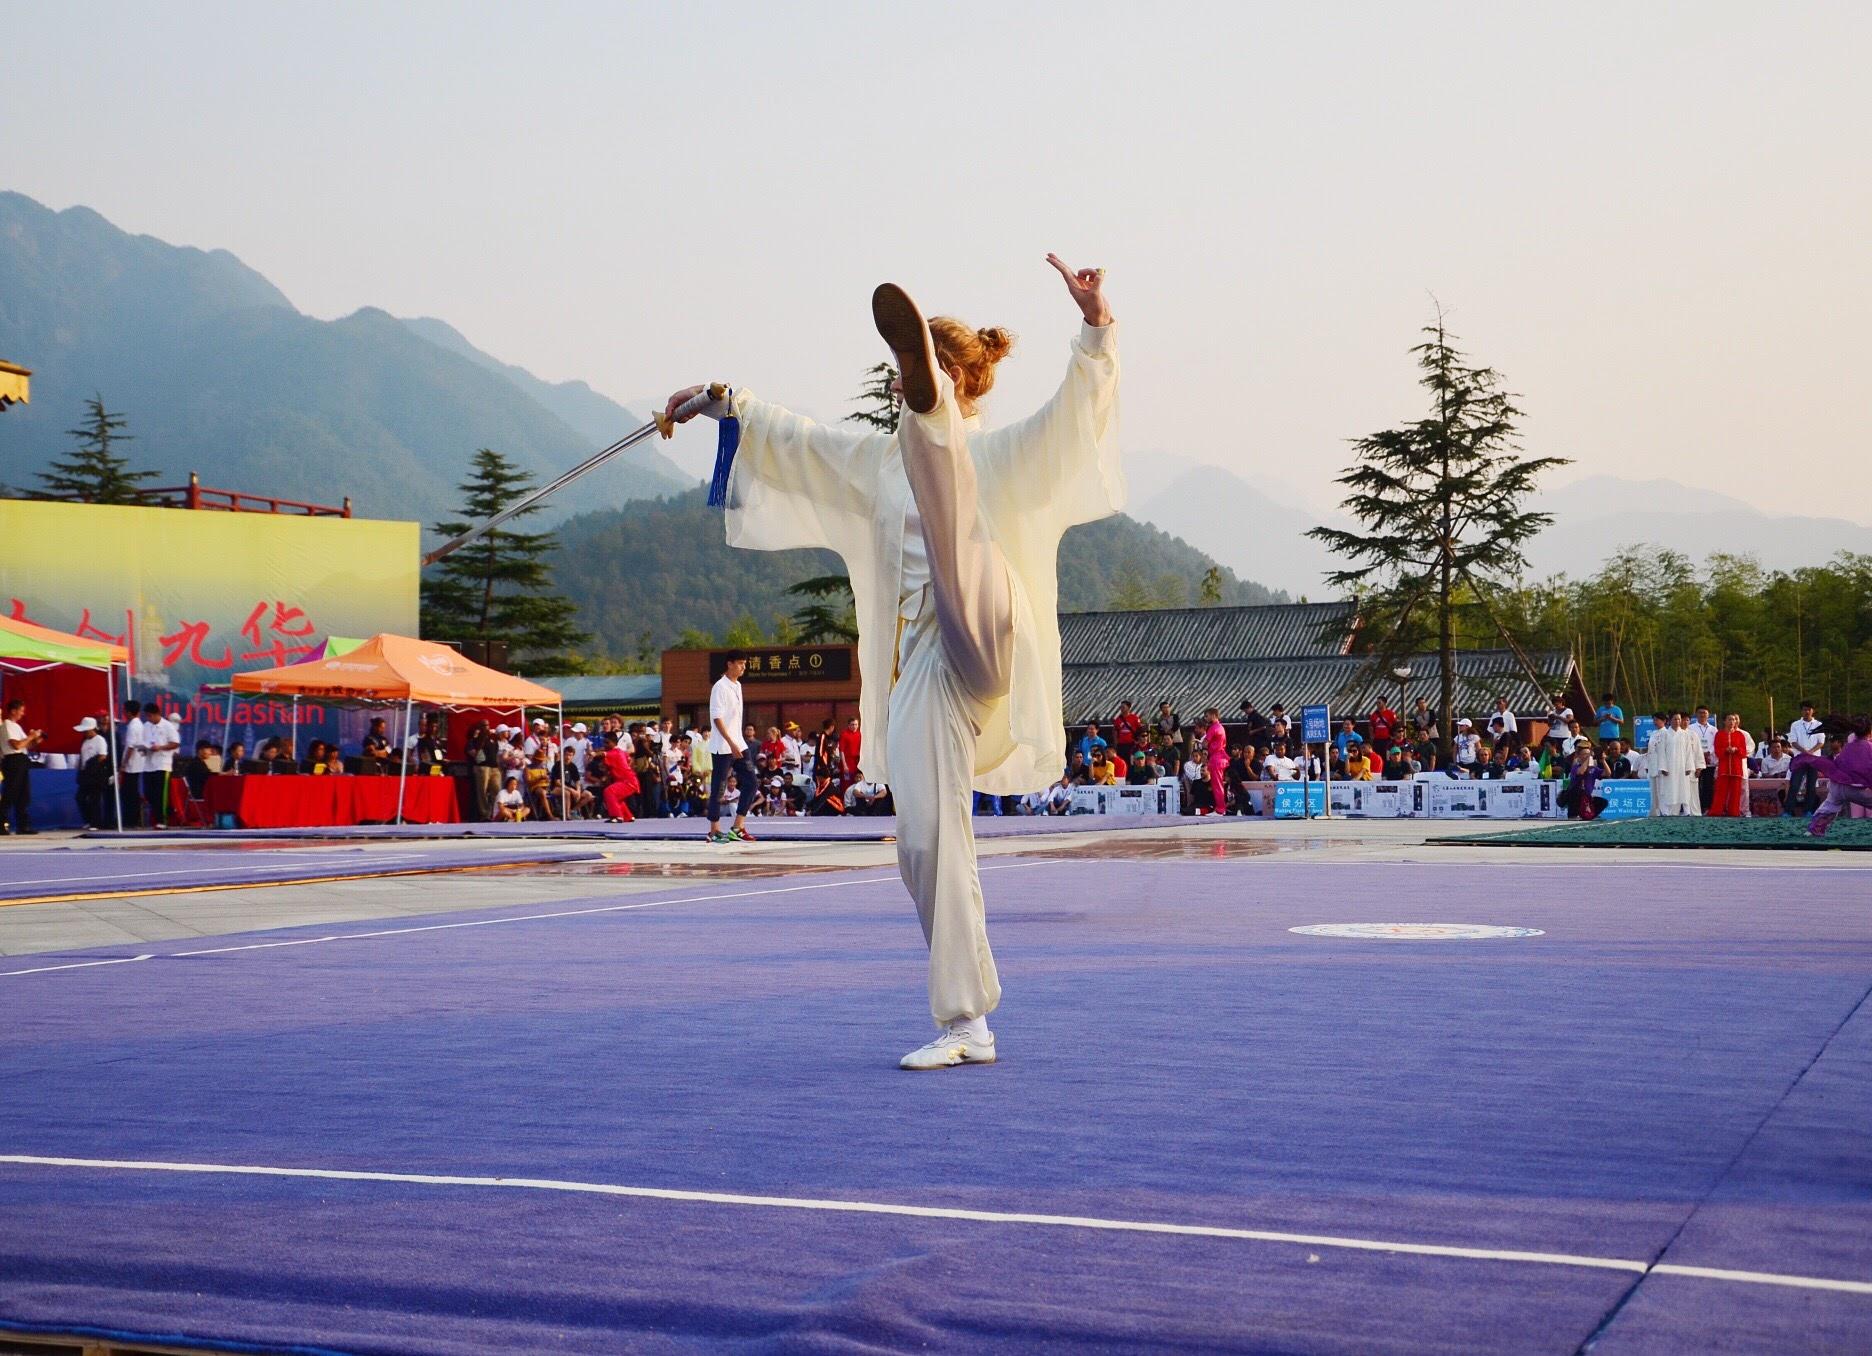 6 Mistrzostwa Świata Wushu Tradycyjnego (2014)